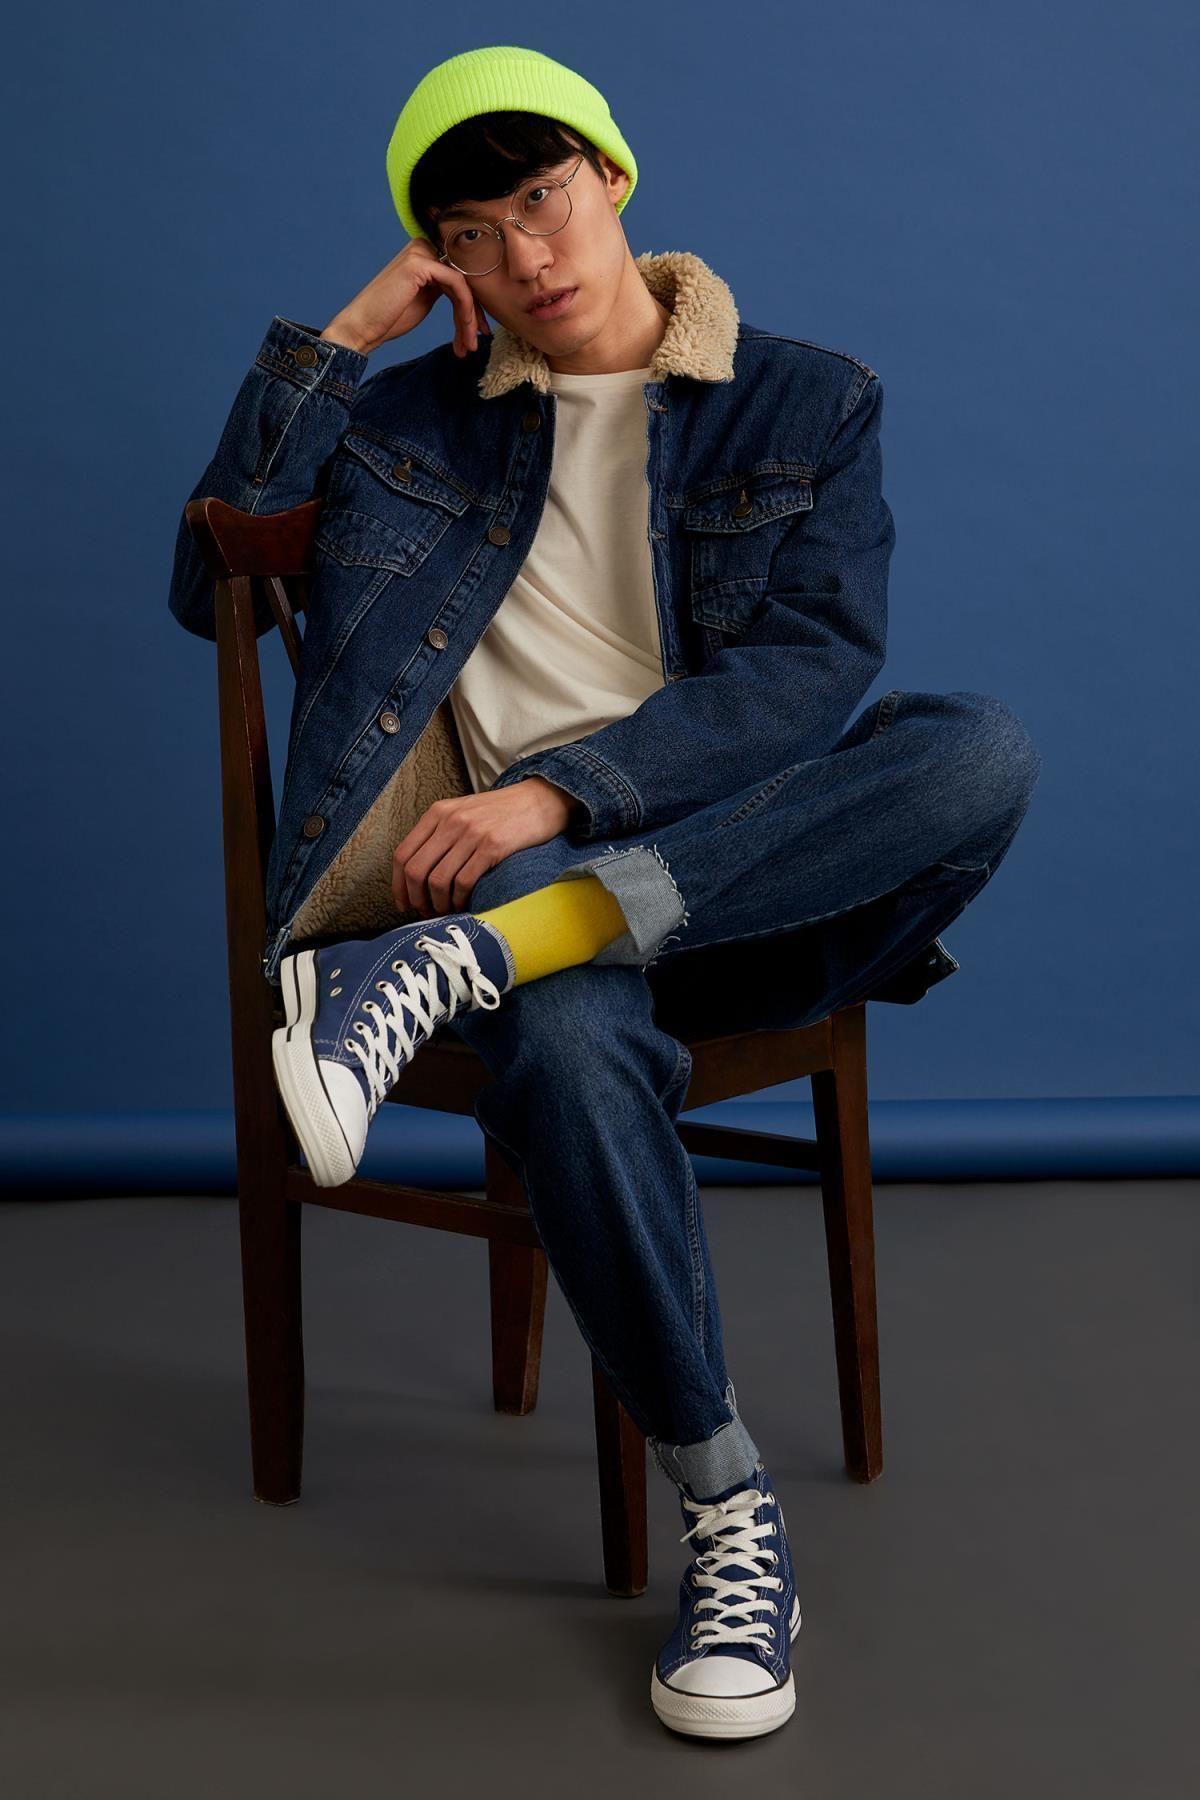 Defacto inverno uomo cappotti giacche fit fit pelliccia peluche stagionale slim jean cappotto tuta sportiva caldo moda nuovo stagione-r6823az20wn20wn